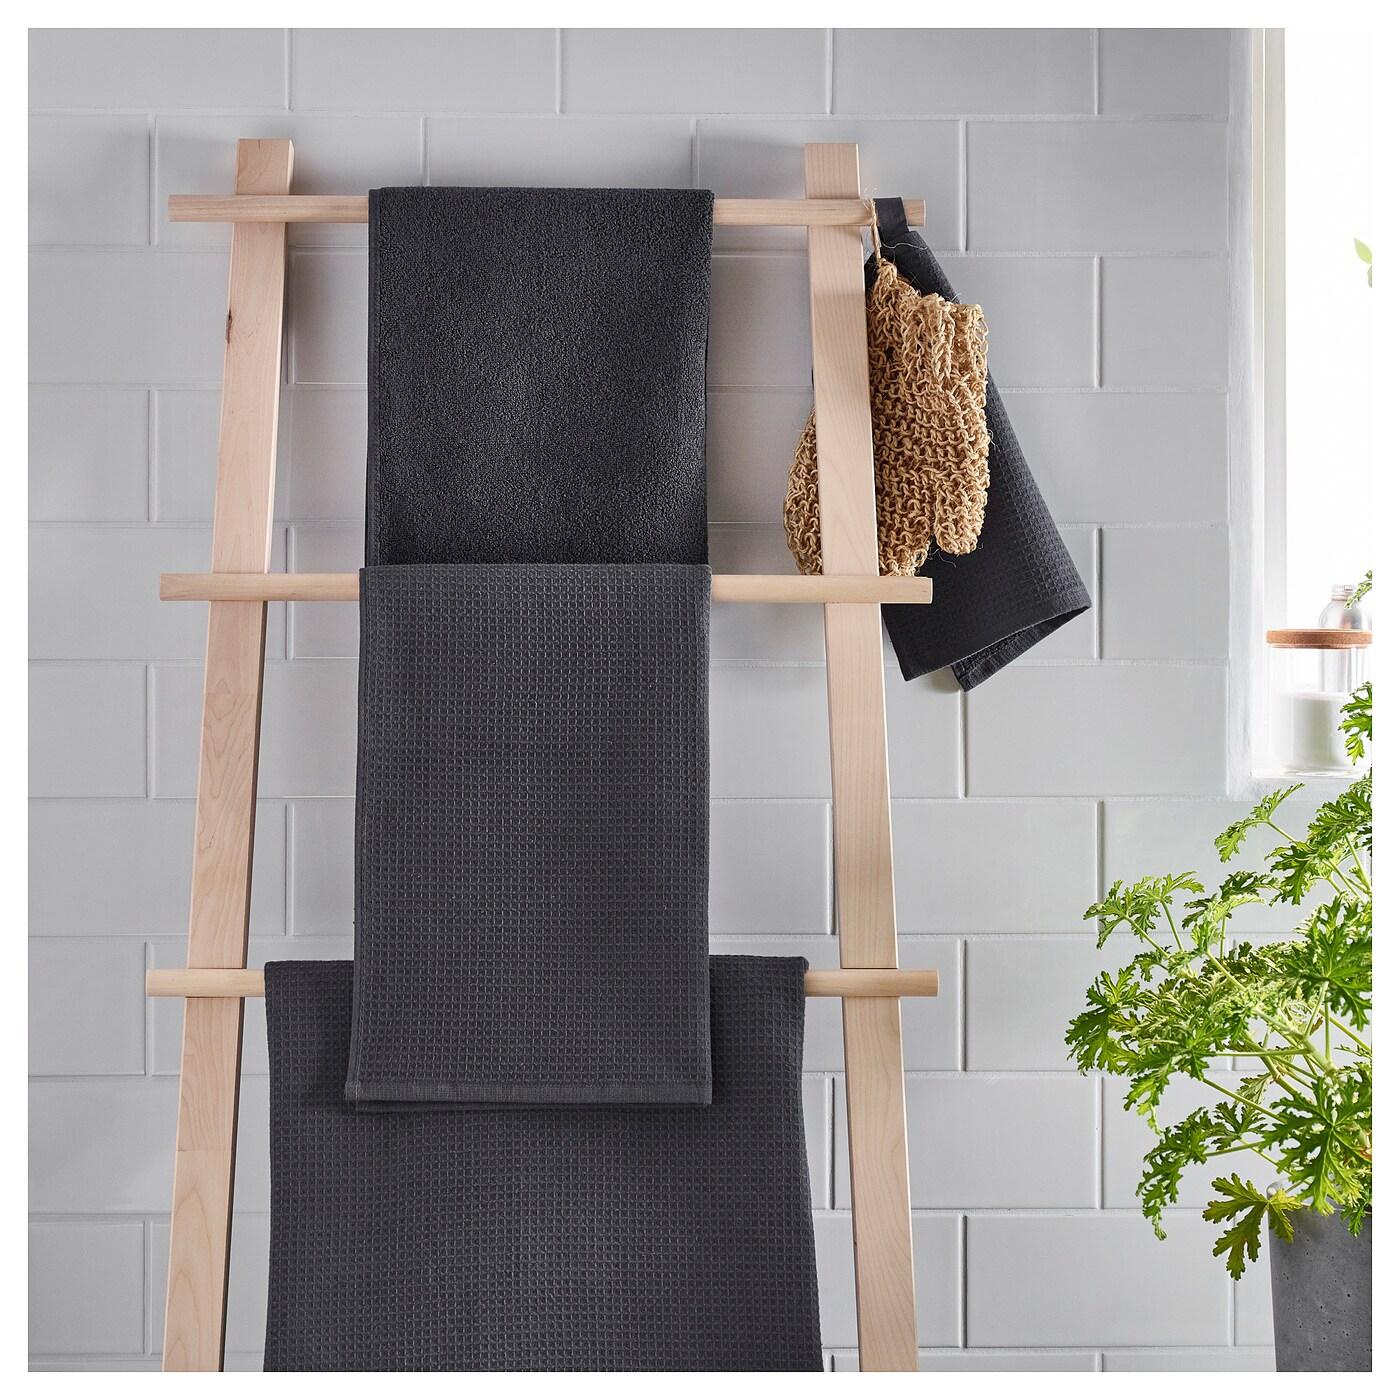 Salviken toalla de ba o antracita 70 x 140 cm ikea - Toallas de bano ikea ...